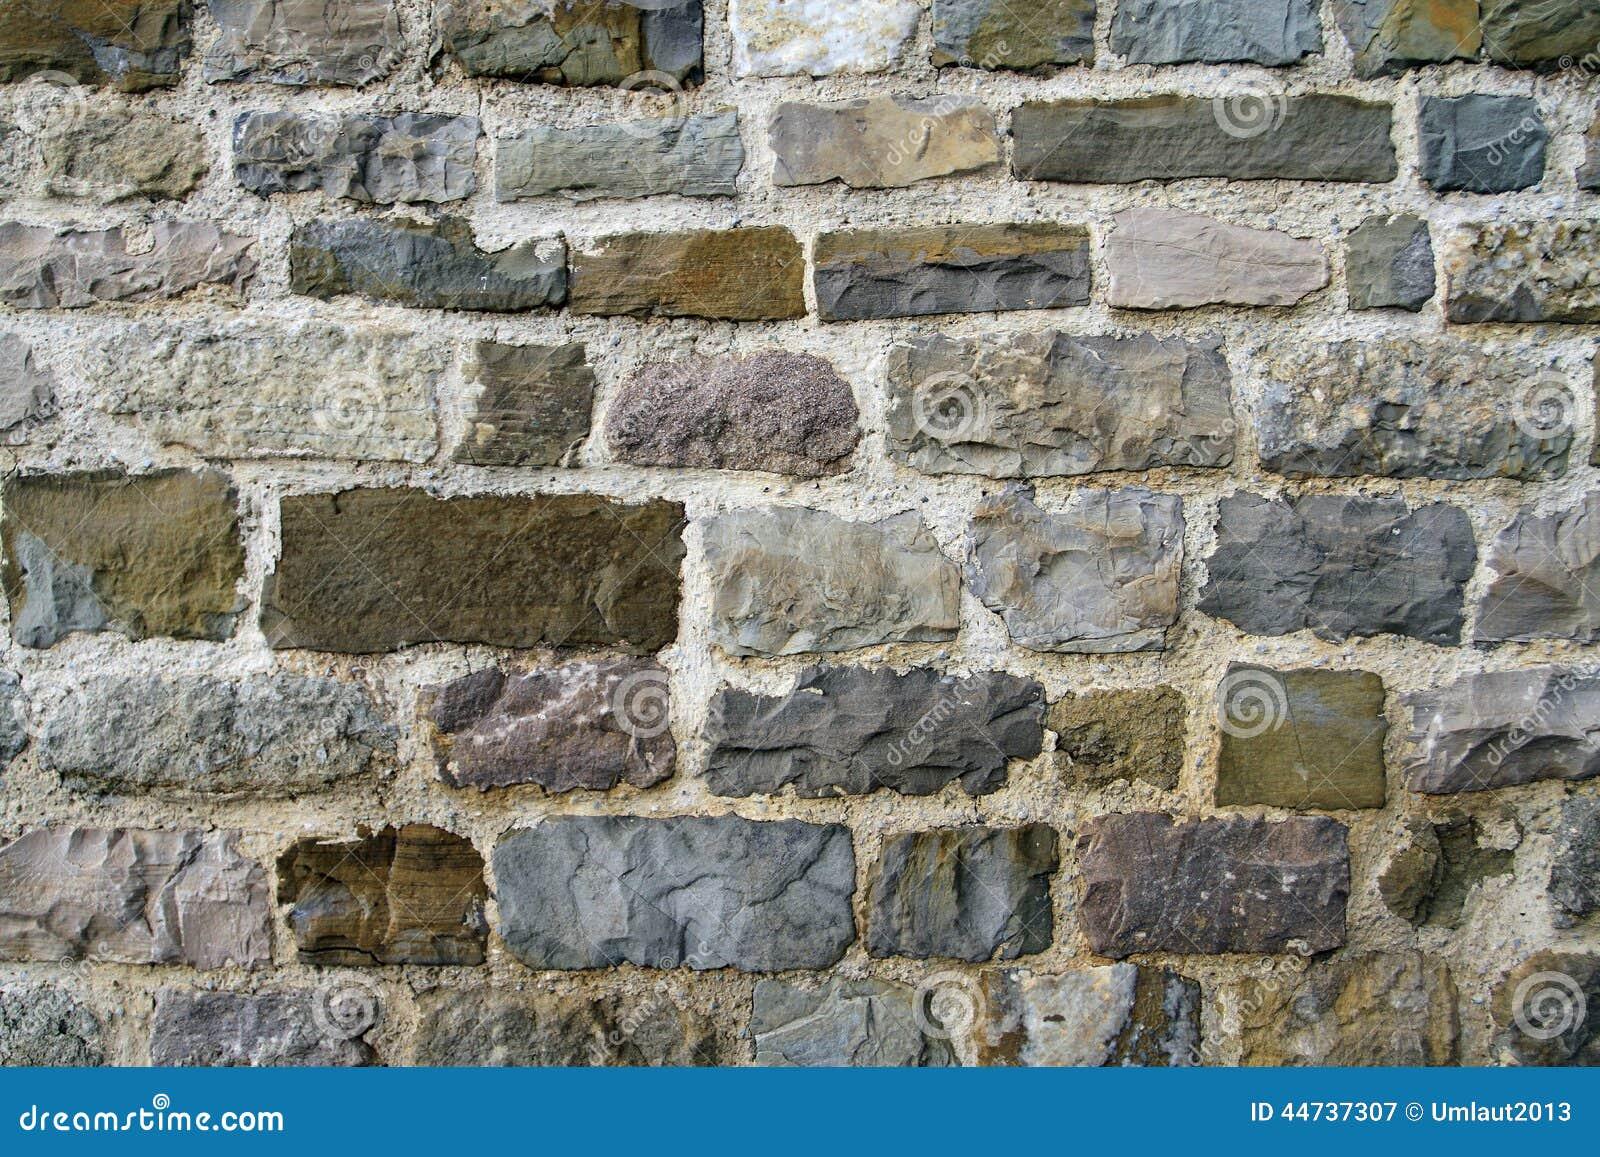 Fußboden Aus Alten Ziegelsteinen ~ Alte stadtmauer von farbigen ziegelsteinen stockbild bild von